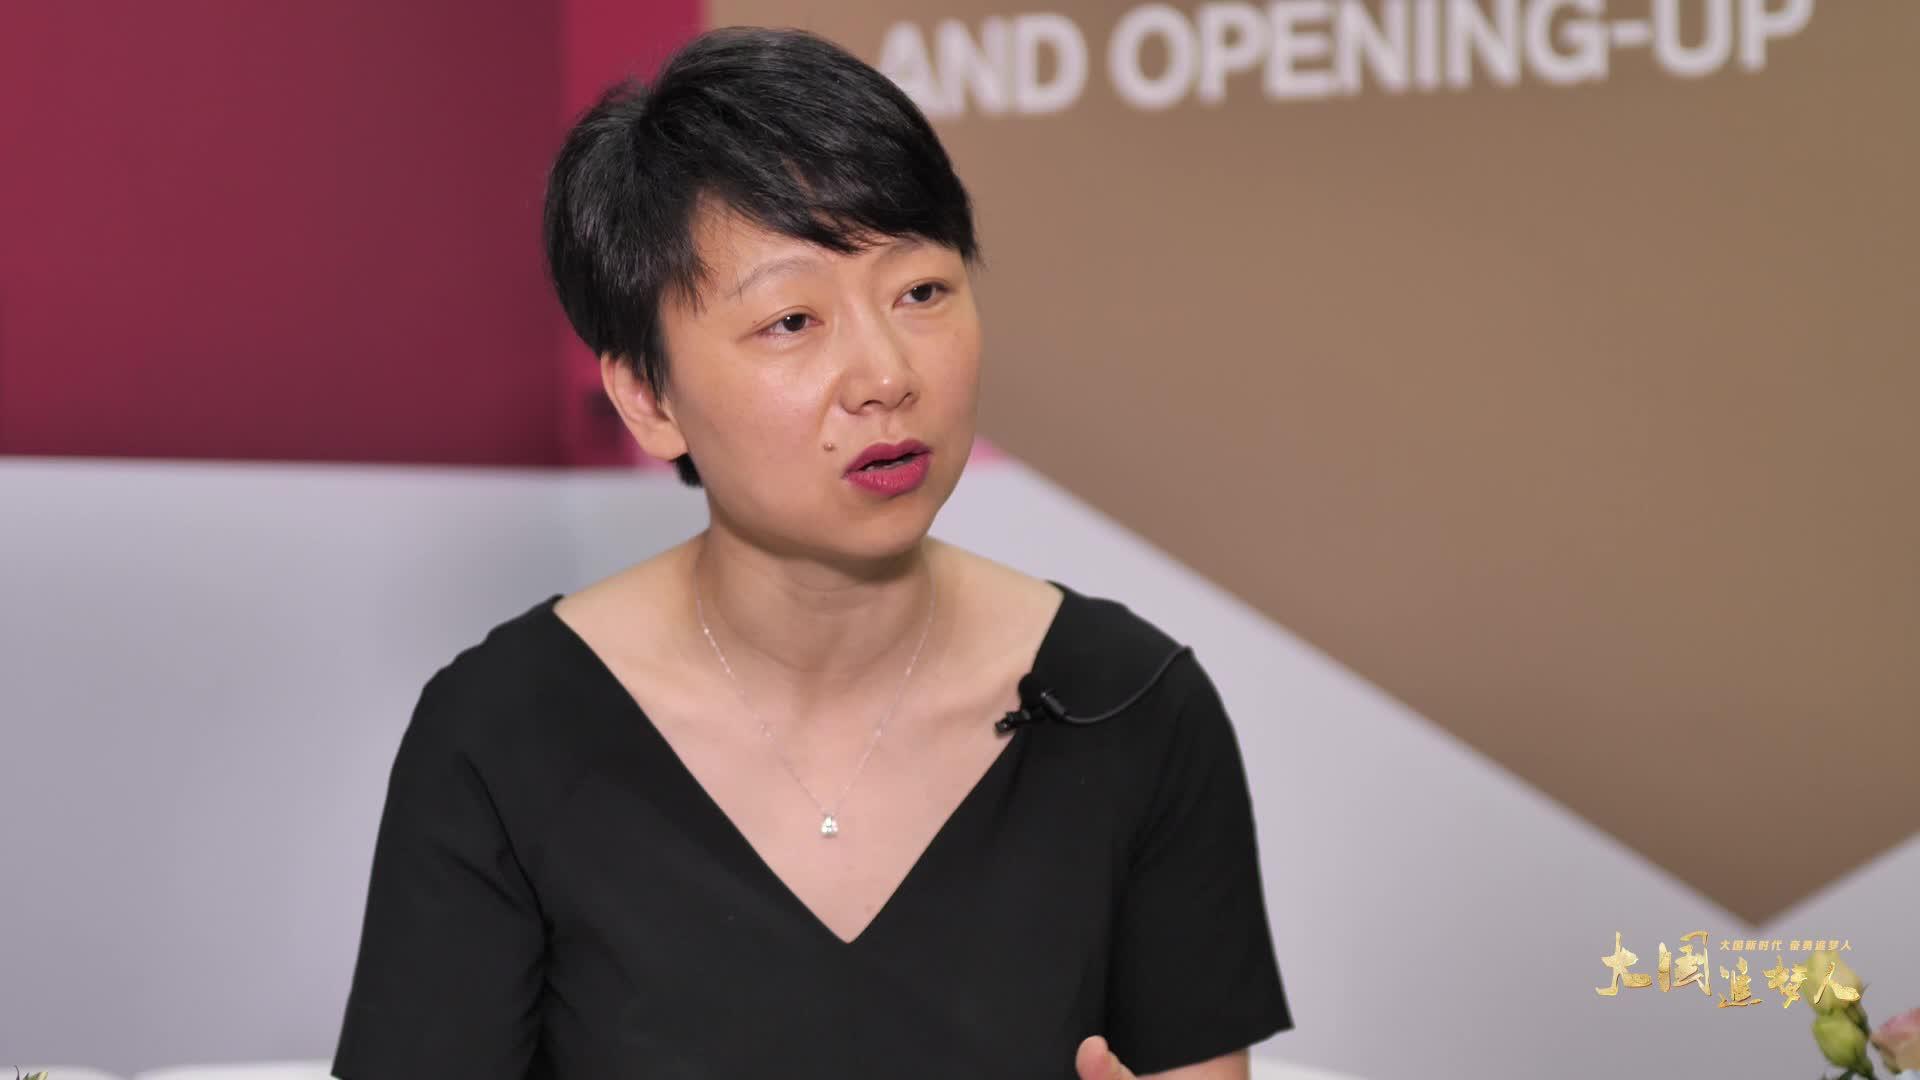 张晓燕:我们最在意的金融科技风险是技术瓶颈和安全问题